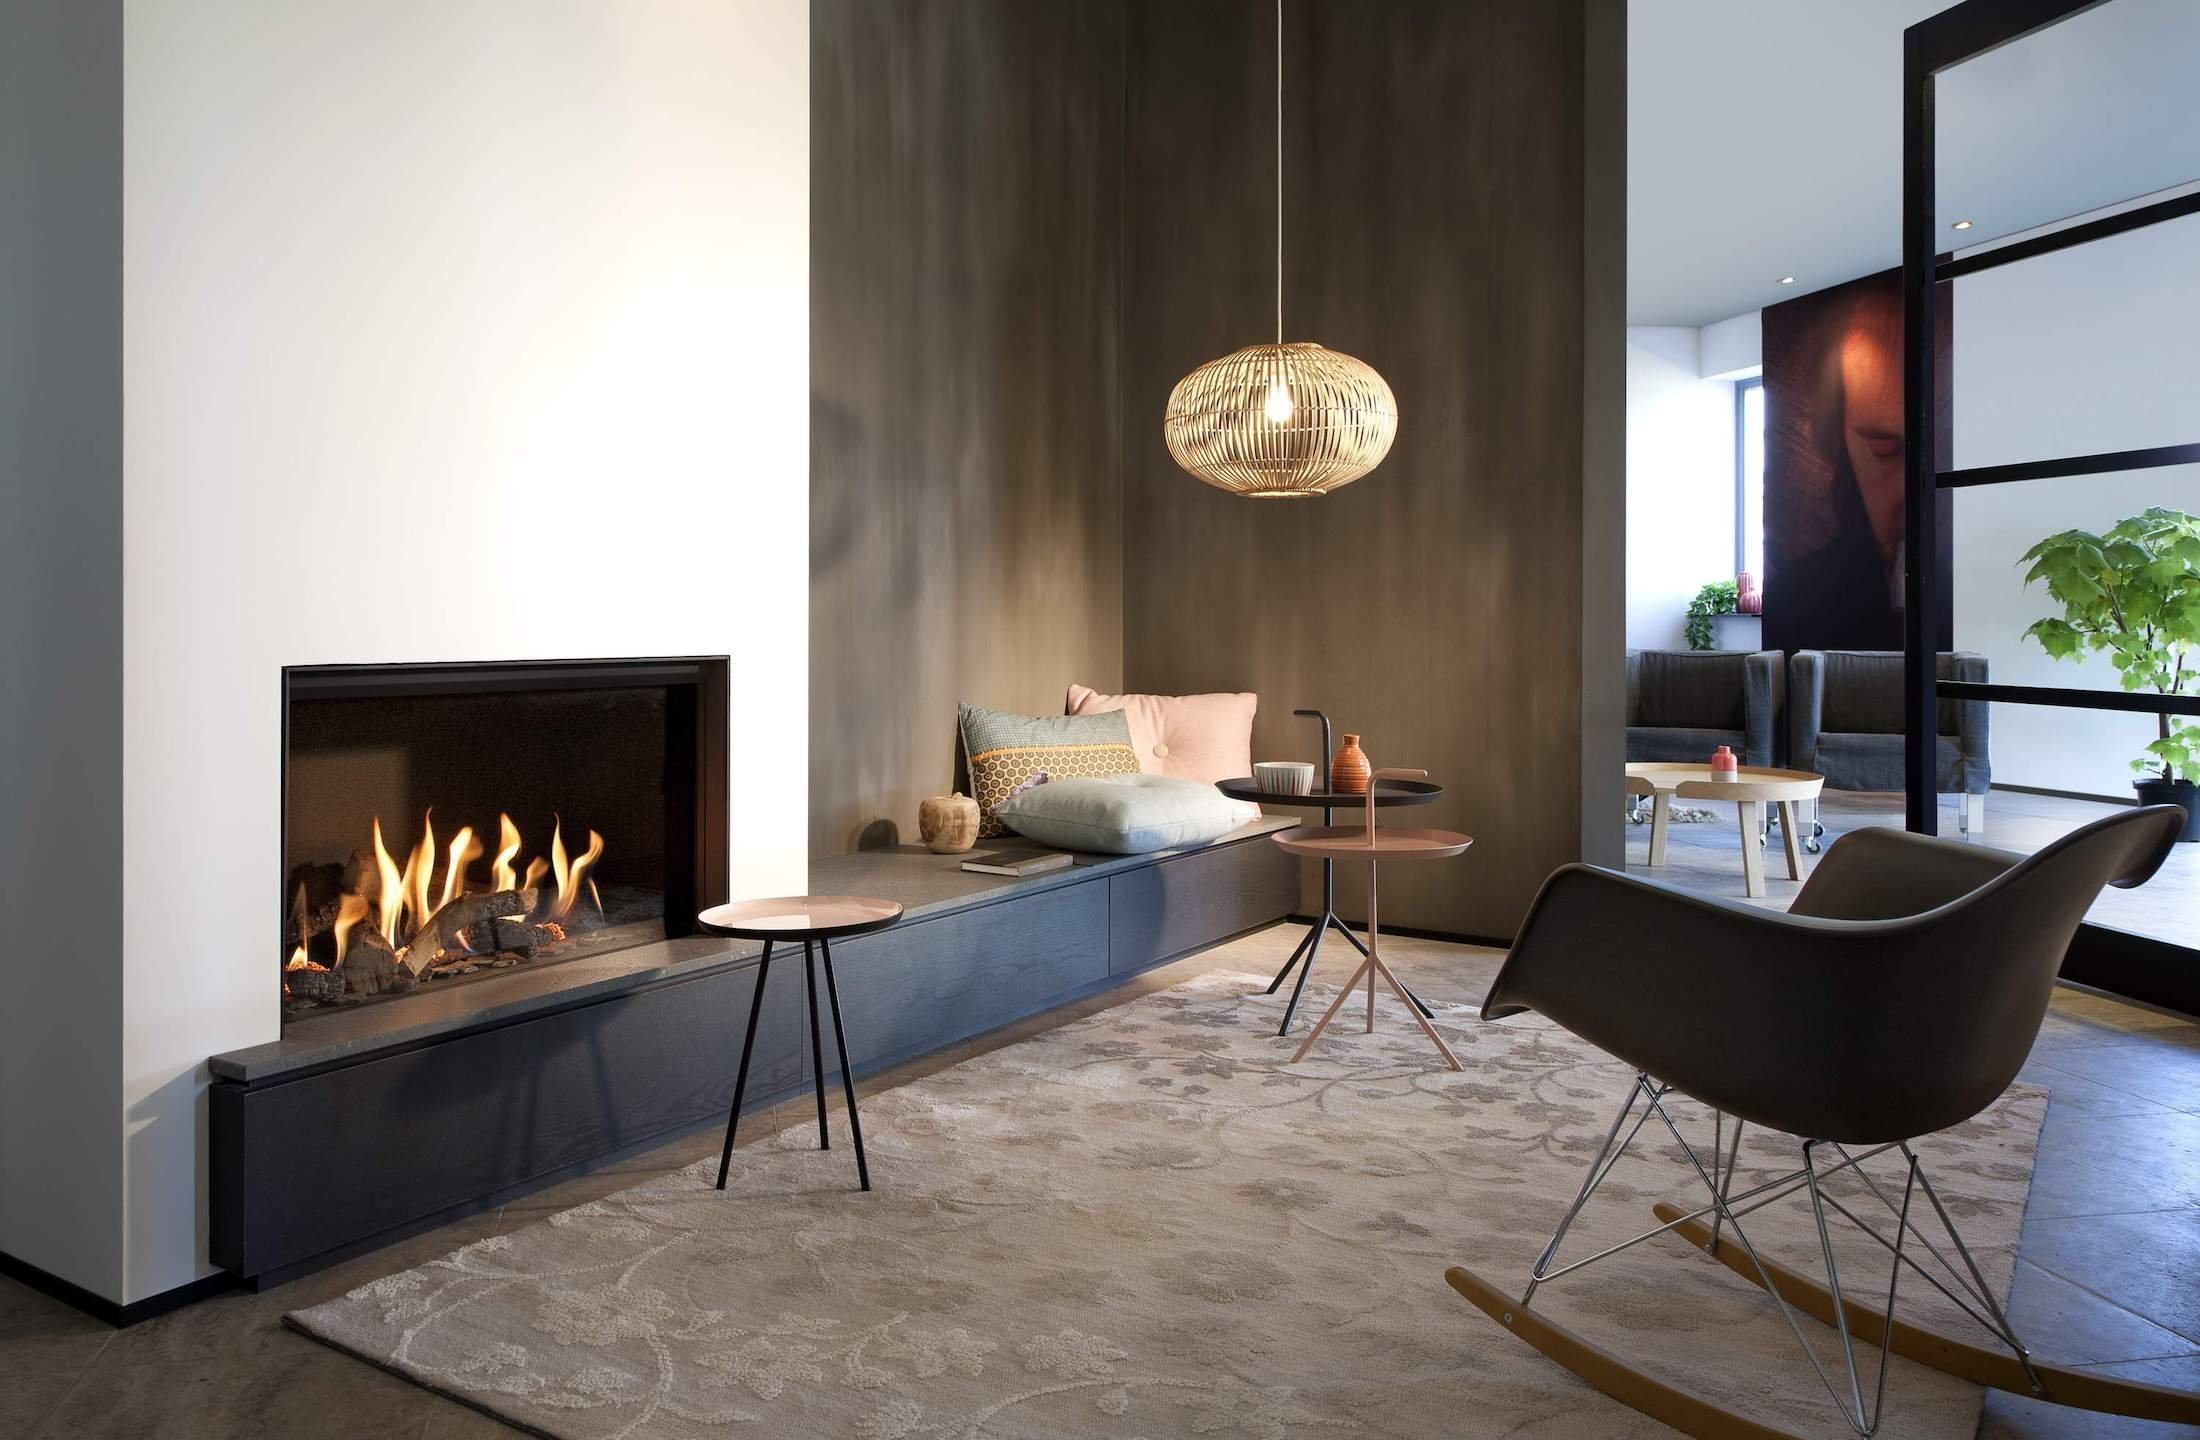 Odpočinek v příjemně vytopené místnosti, jejímž centrem je romanticky hořící krb, už nemusí být pro obyvatele bytů pouhým snem. S moderním biokrbem získáte nadčasové doplňkové topivo, ale také moderní kamna povýšená na opravdovou designovou záležitost.